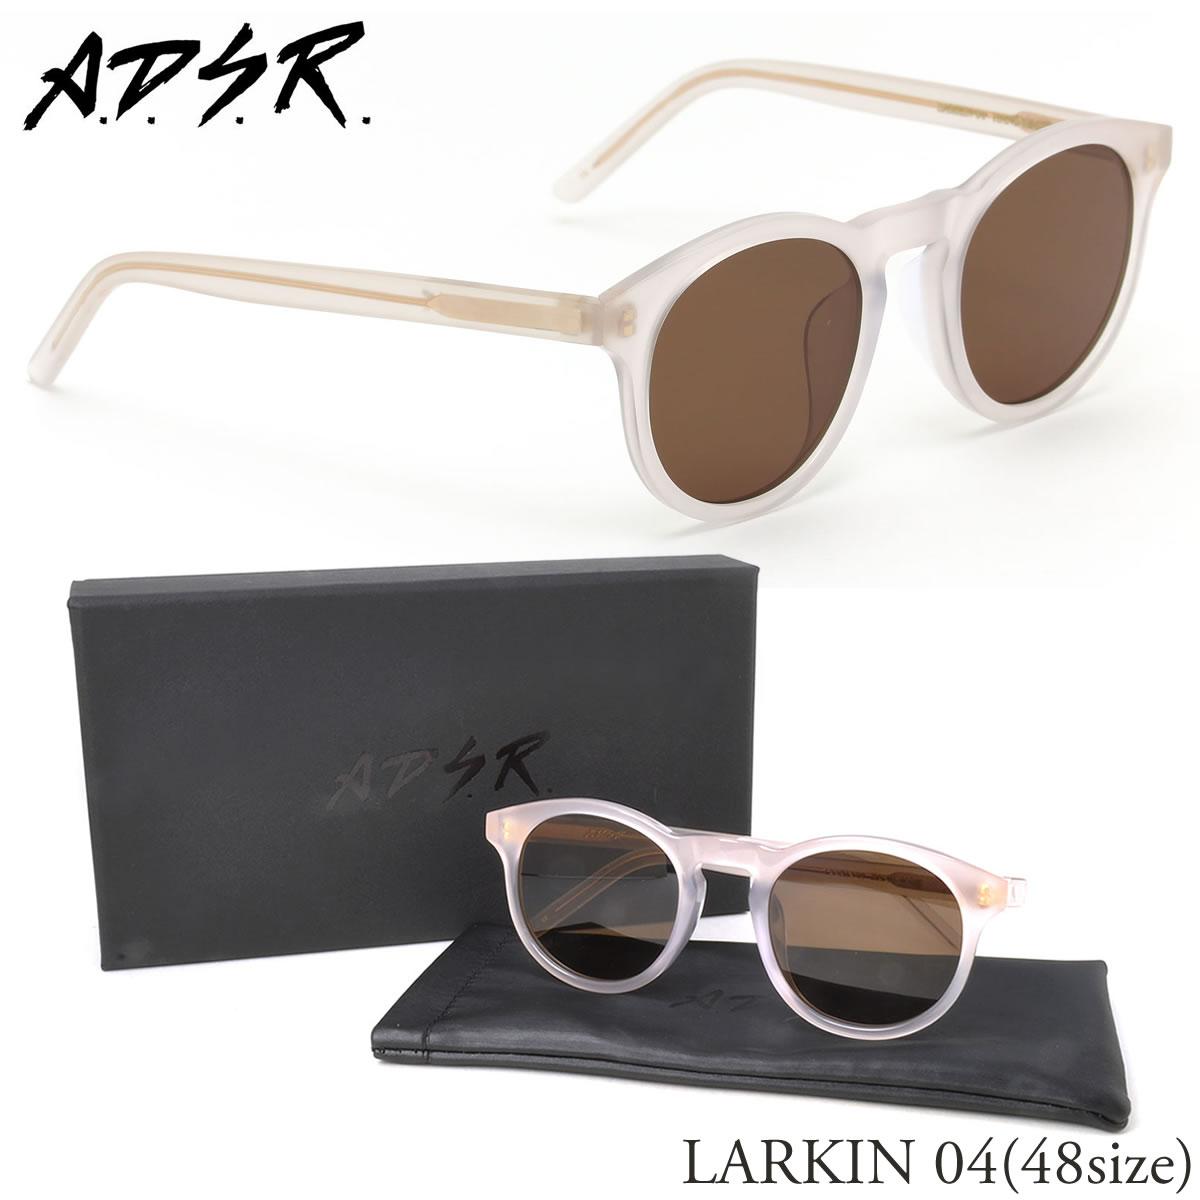 【10月30日からエントリーで全品ポイント20倍】【A.D.S.R.】 (エーディーエスアール) サングラス LARKIN 04 48サイズ LARKIN 丸メガネ ボストン フルリム エーディーエスアール ADSR メンズ レディース